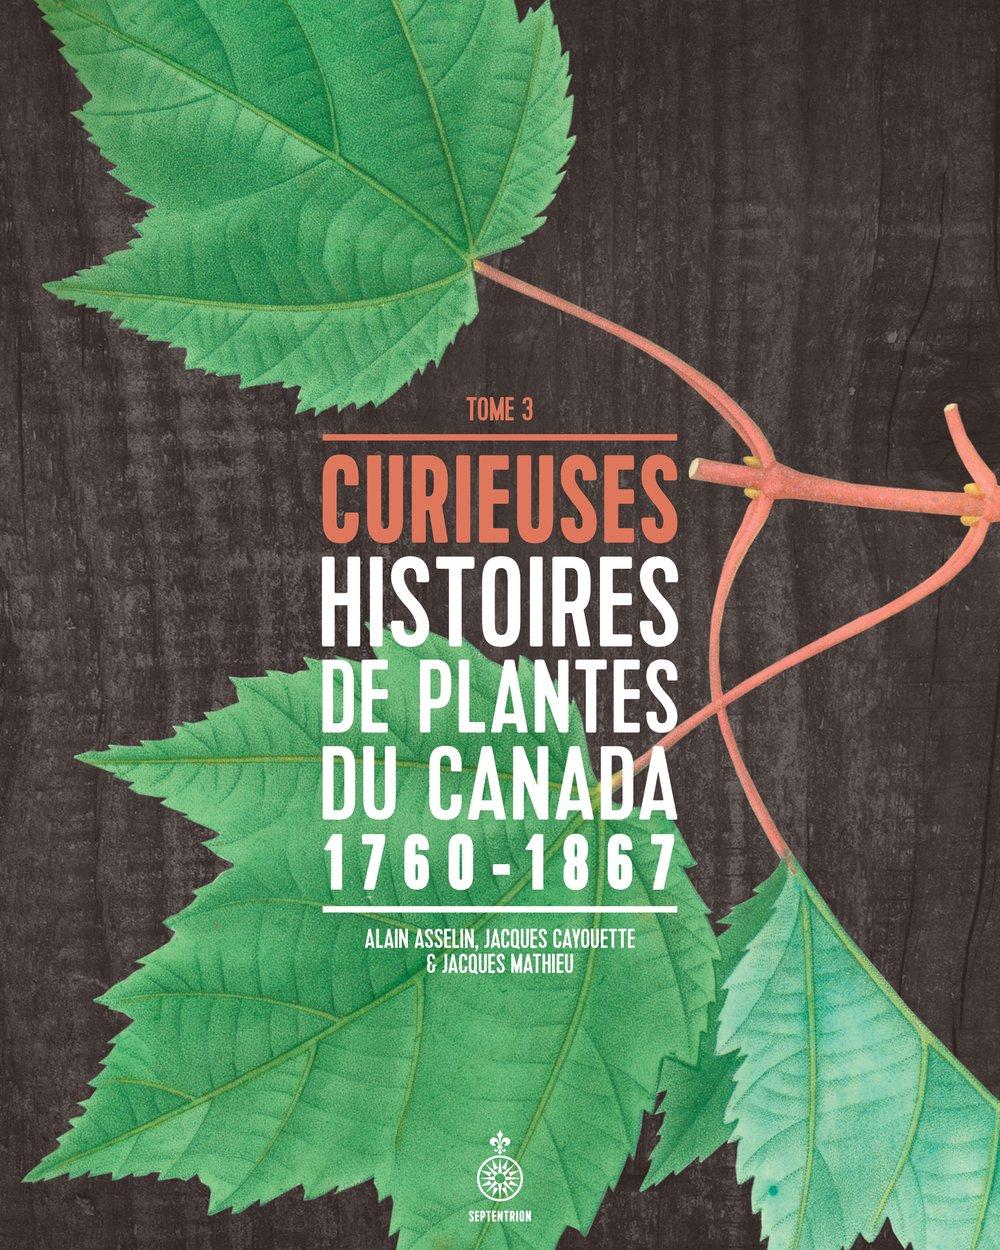 télécharger Curieuses histoires de plantes du Canada - tome 3 : 1760-1867